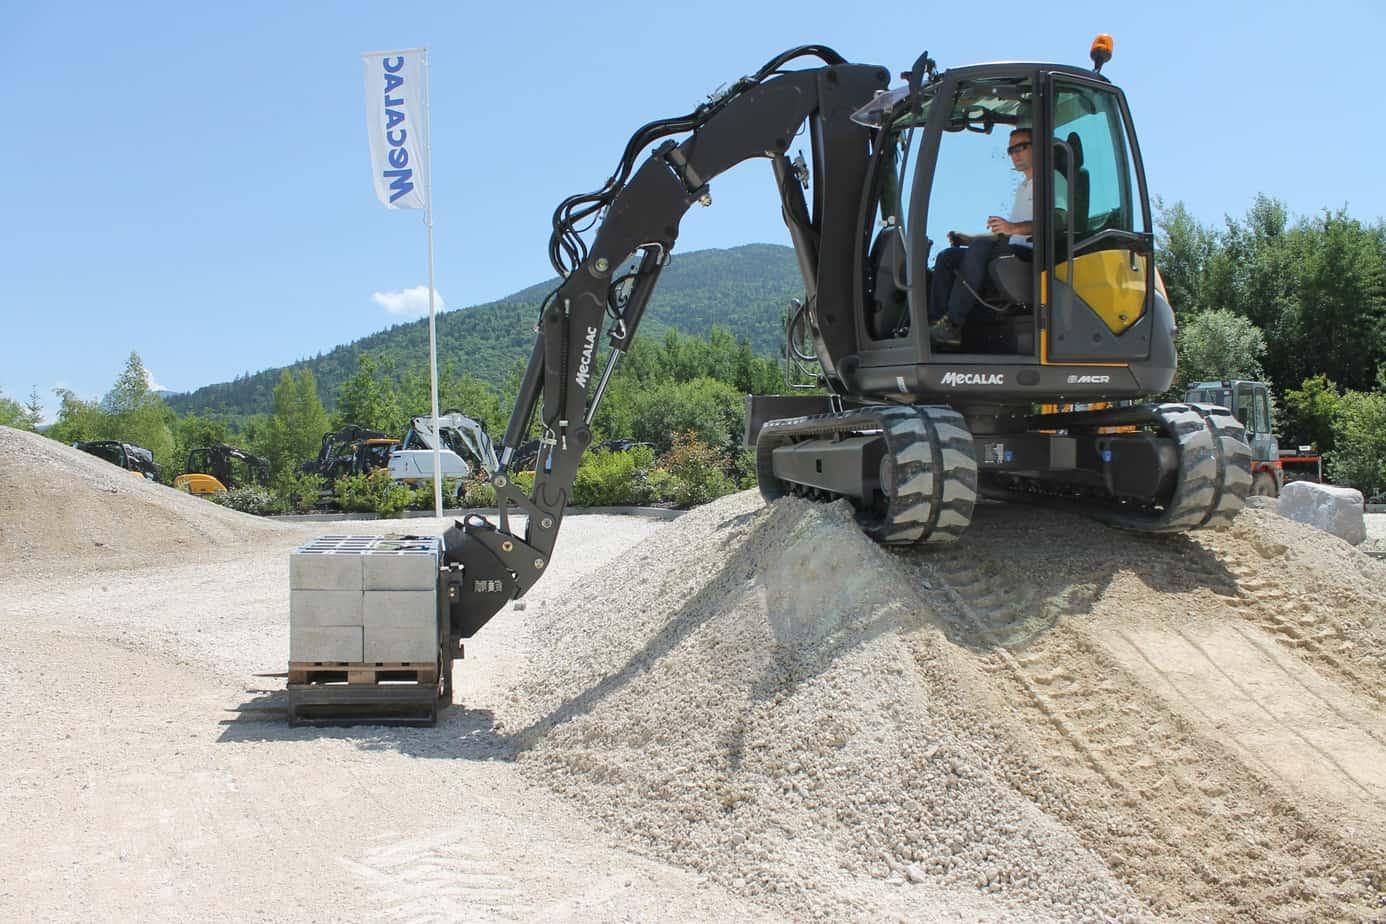 Il Mecalac 6MCR è in grado di operare anche come sollevatore con una mobilità preclusa a ogni altra macchina presente sul mercato. Può infatti collocare dei pallet in fondo a uno scavo o all'interno di un edificio superando in polivalenza ogni altro sollevatore oggi in commercio